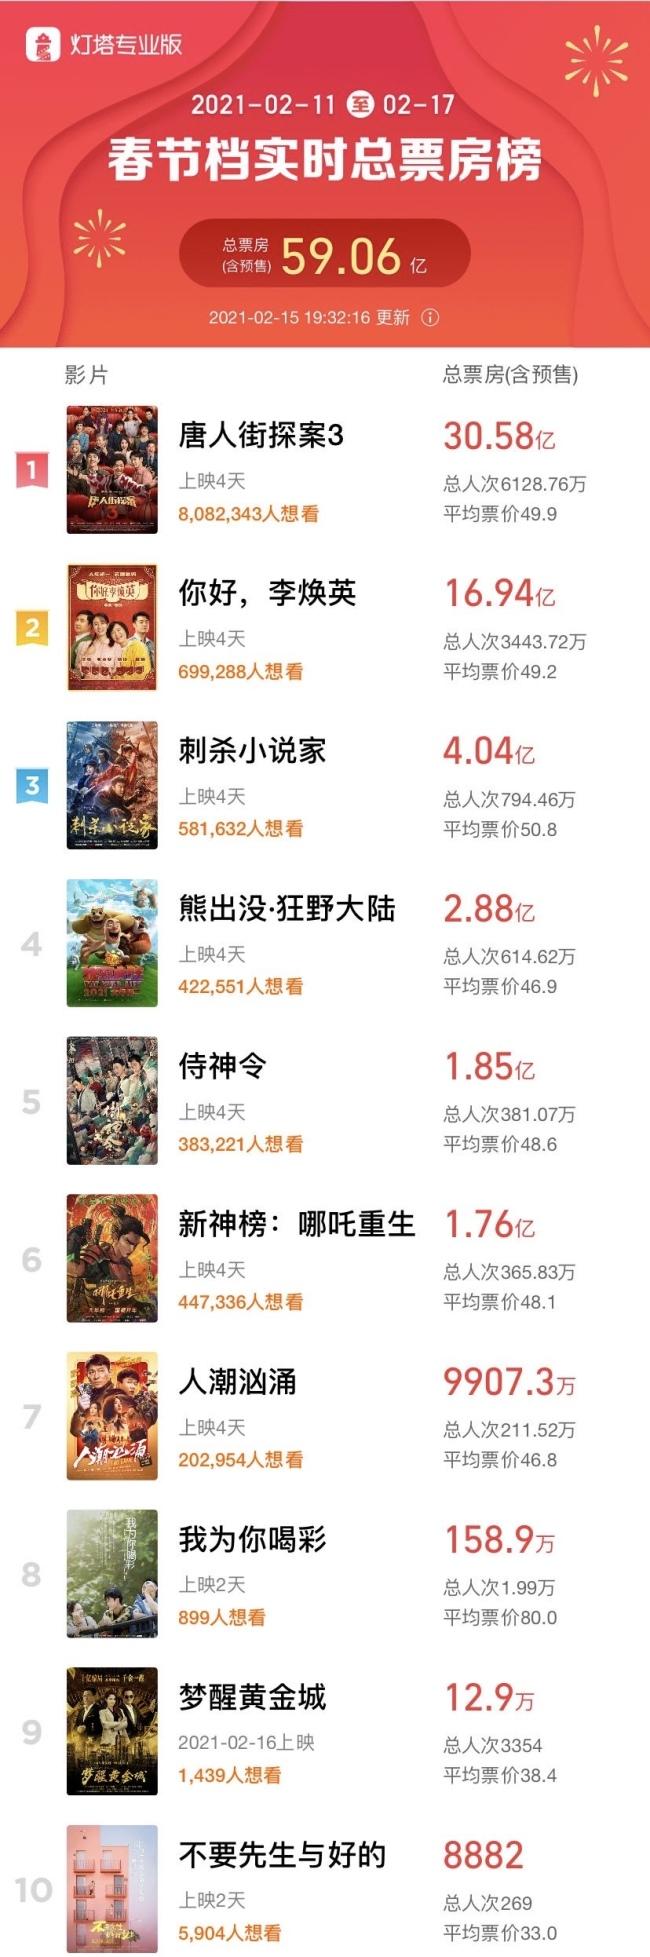 2021年春节档电影票房破59.06亿元,创中国影史纪录